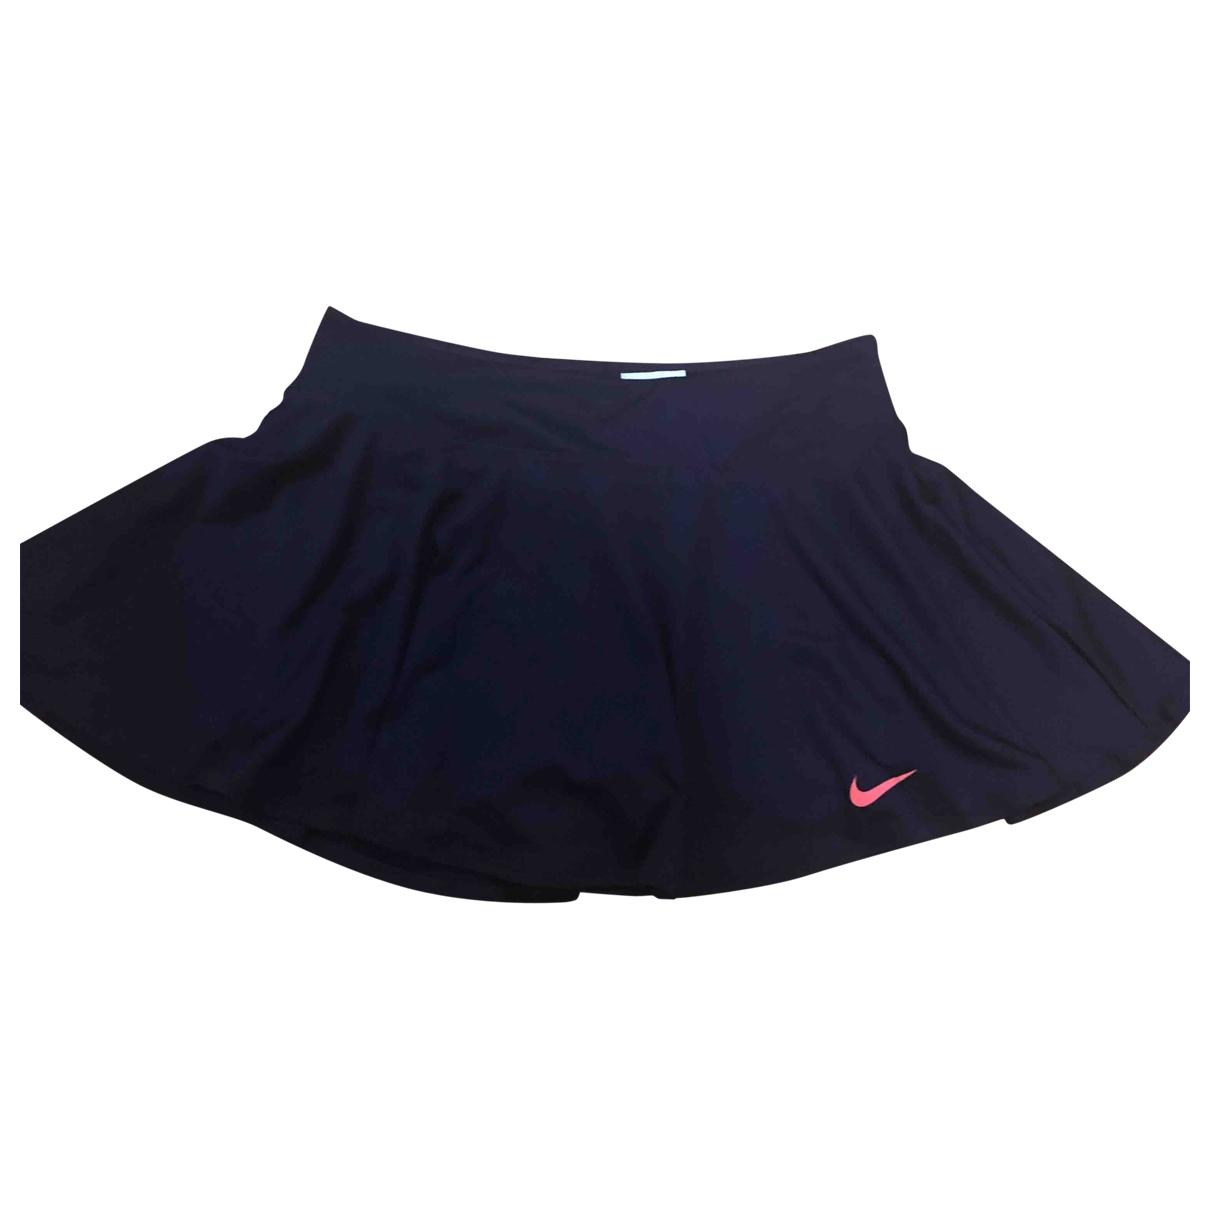 Nike \N Purple skirt for Women S International